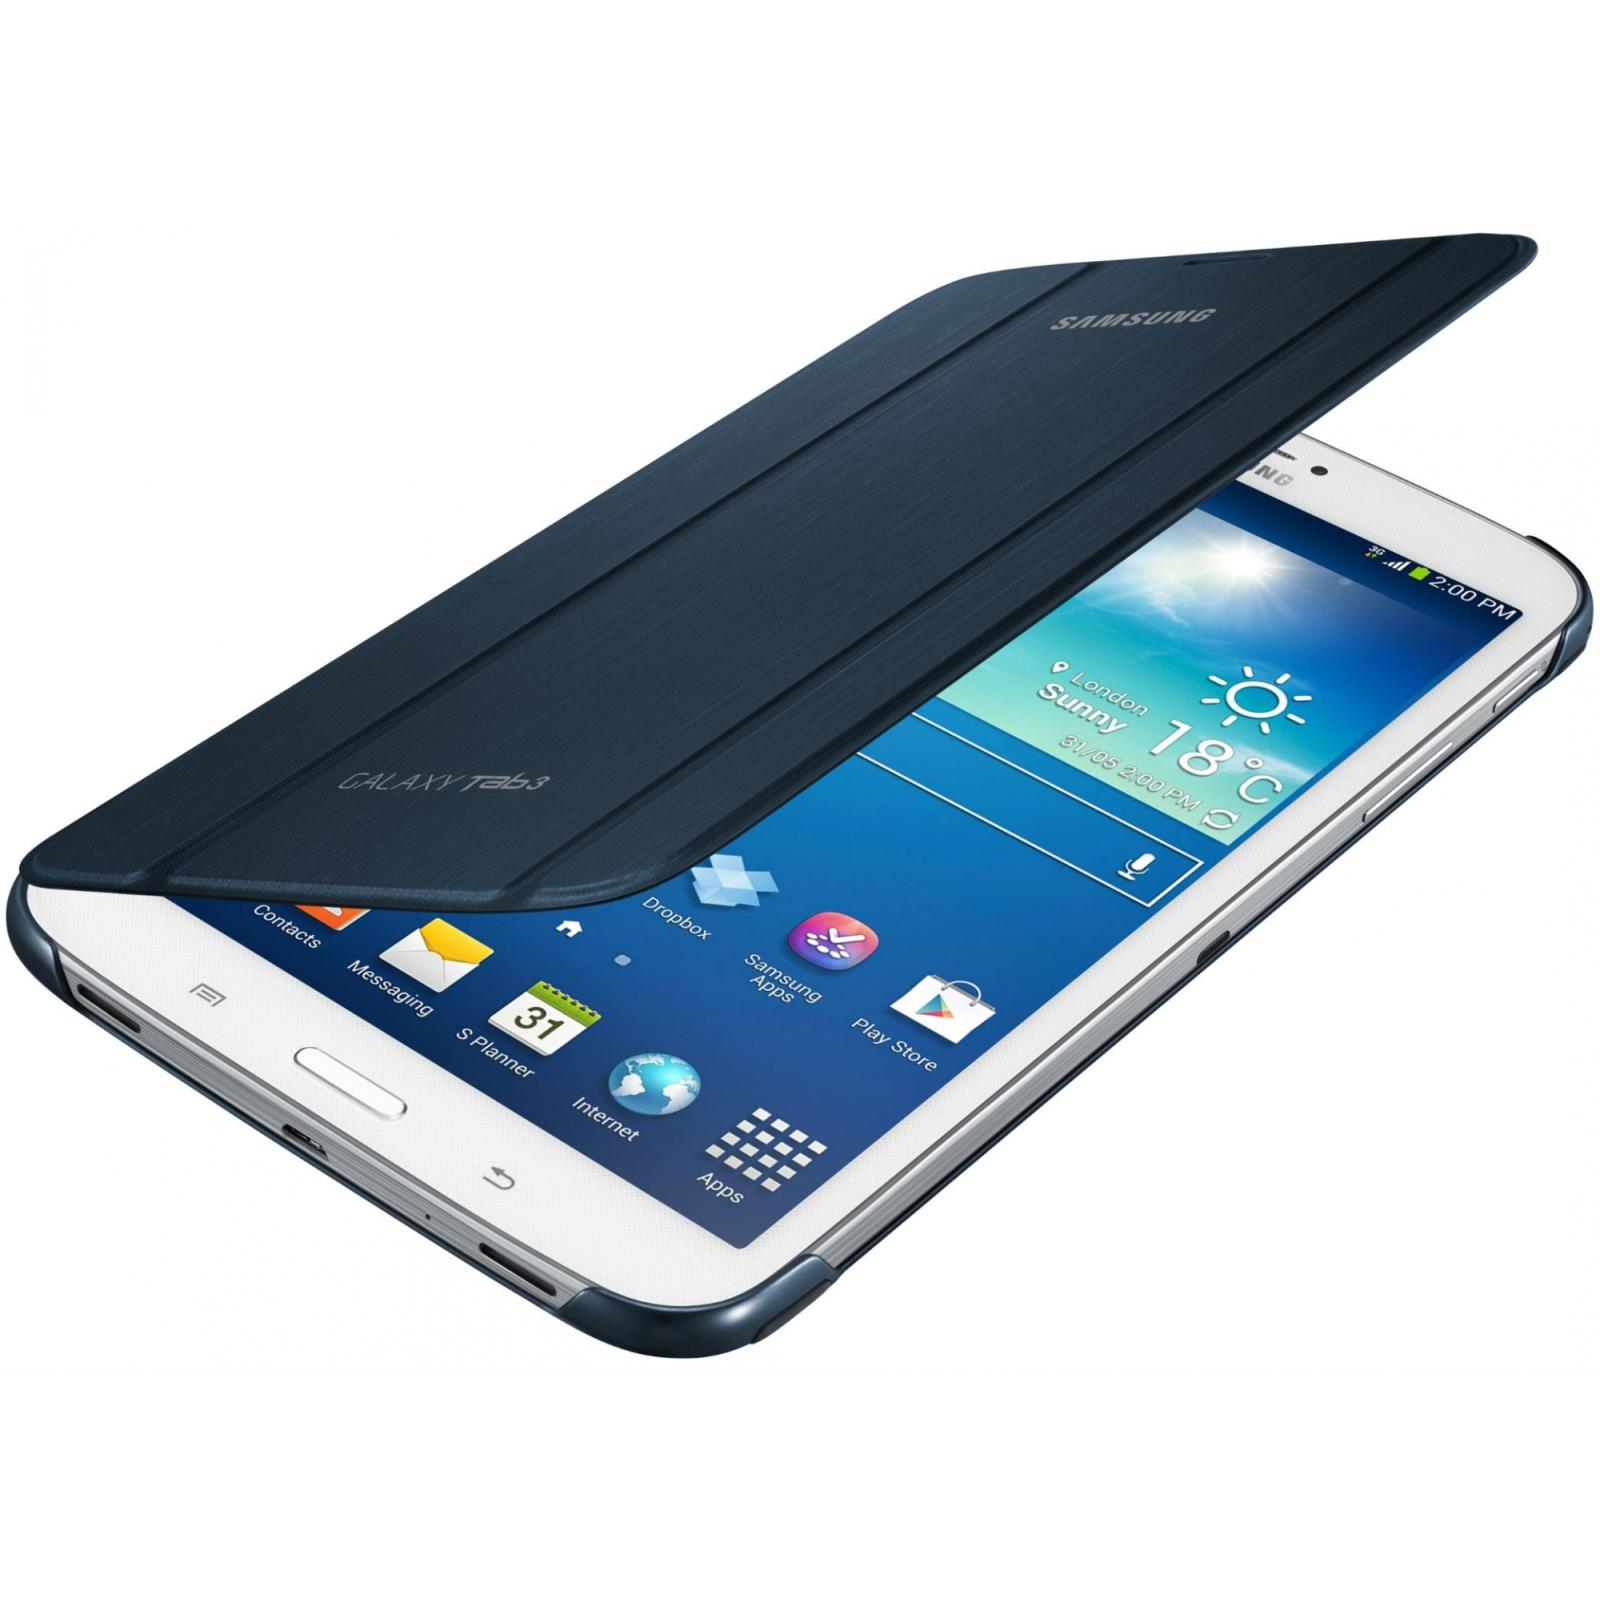 Чехол для планшета Samsung 8 GALAXY Tab 3 /Topaz Blue (EF-BT310BLEGWW) изображение 2